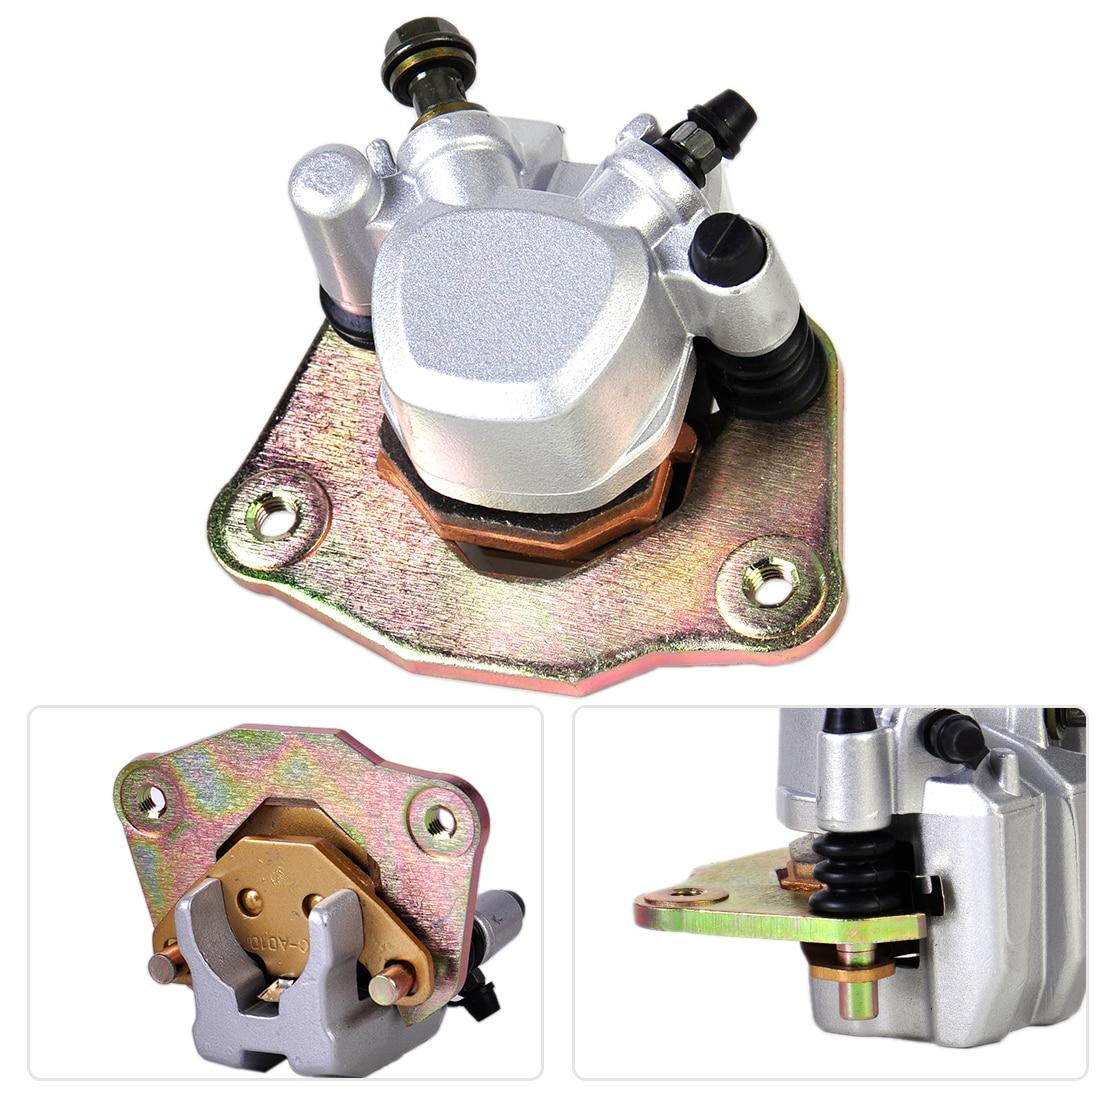 Beler металлический задний тормозной суппорт Замена подходит для Suzuki Vinson 500 LTA500F LTA500FB LTF500FC LTF500F ATV модель